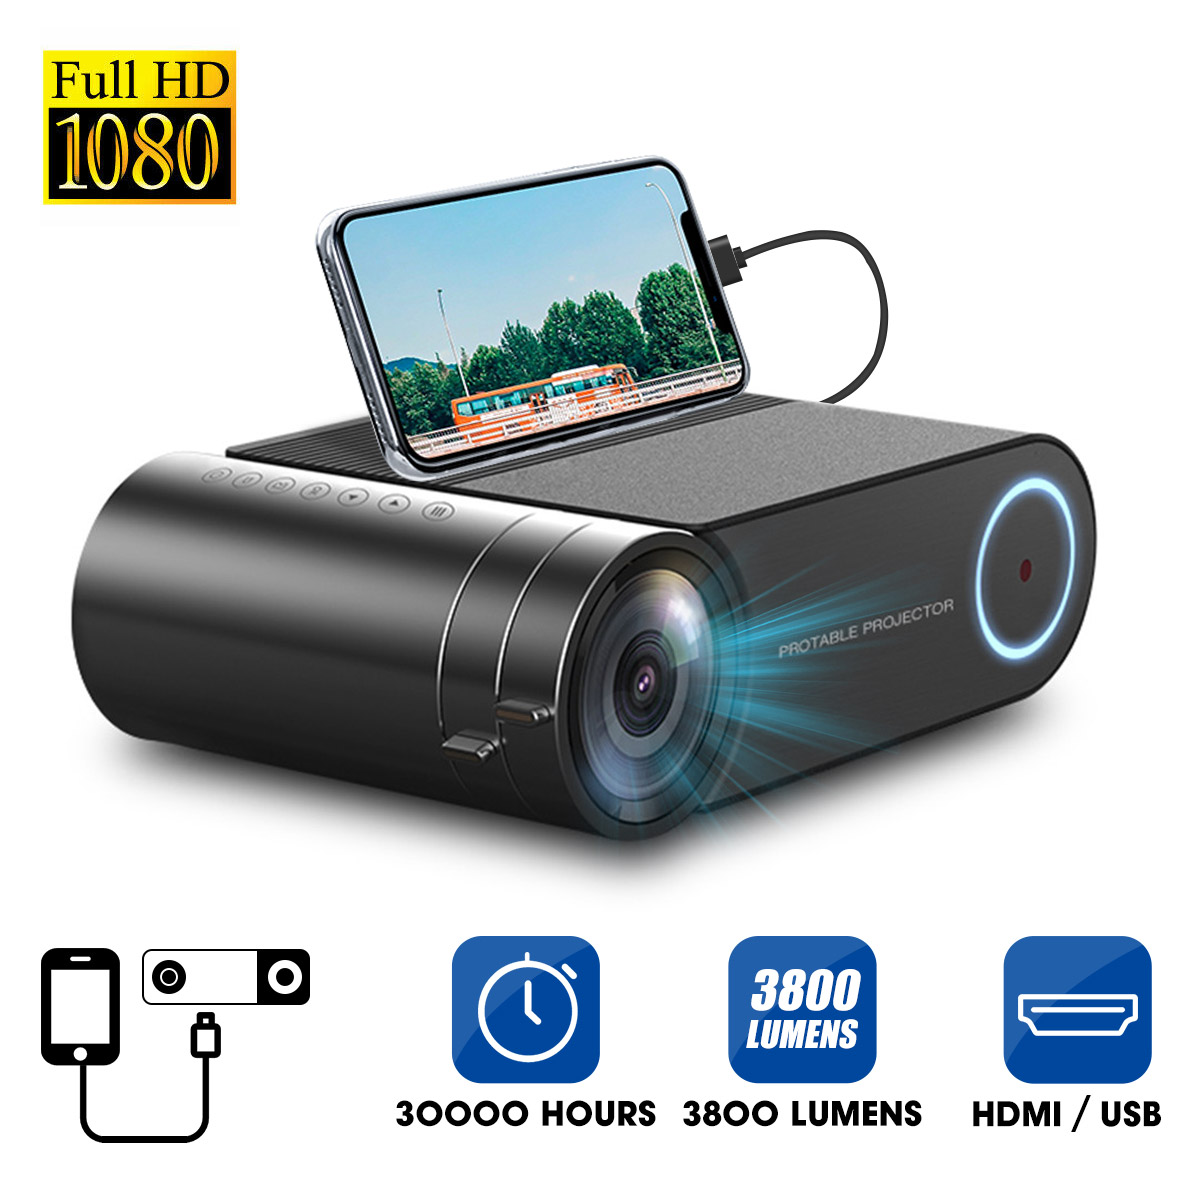 4K 3800 Lumes светодиодный проектор портативный 1080P Full HD проектор Красочный мультимедийный кинотеатр HDMI VGA AV USB открытый домашний